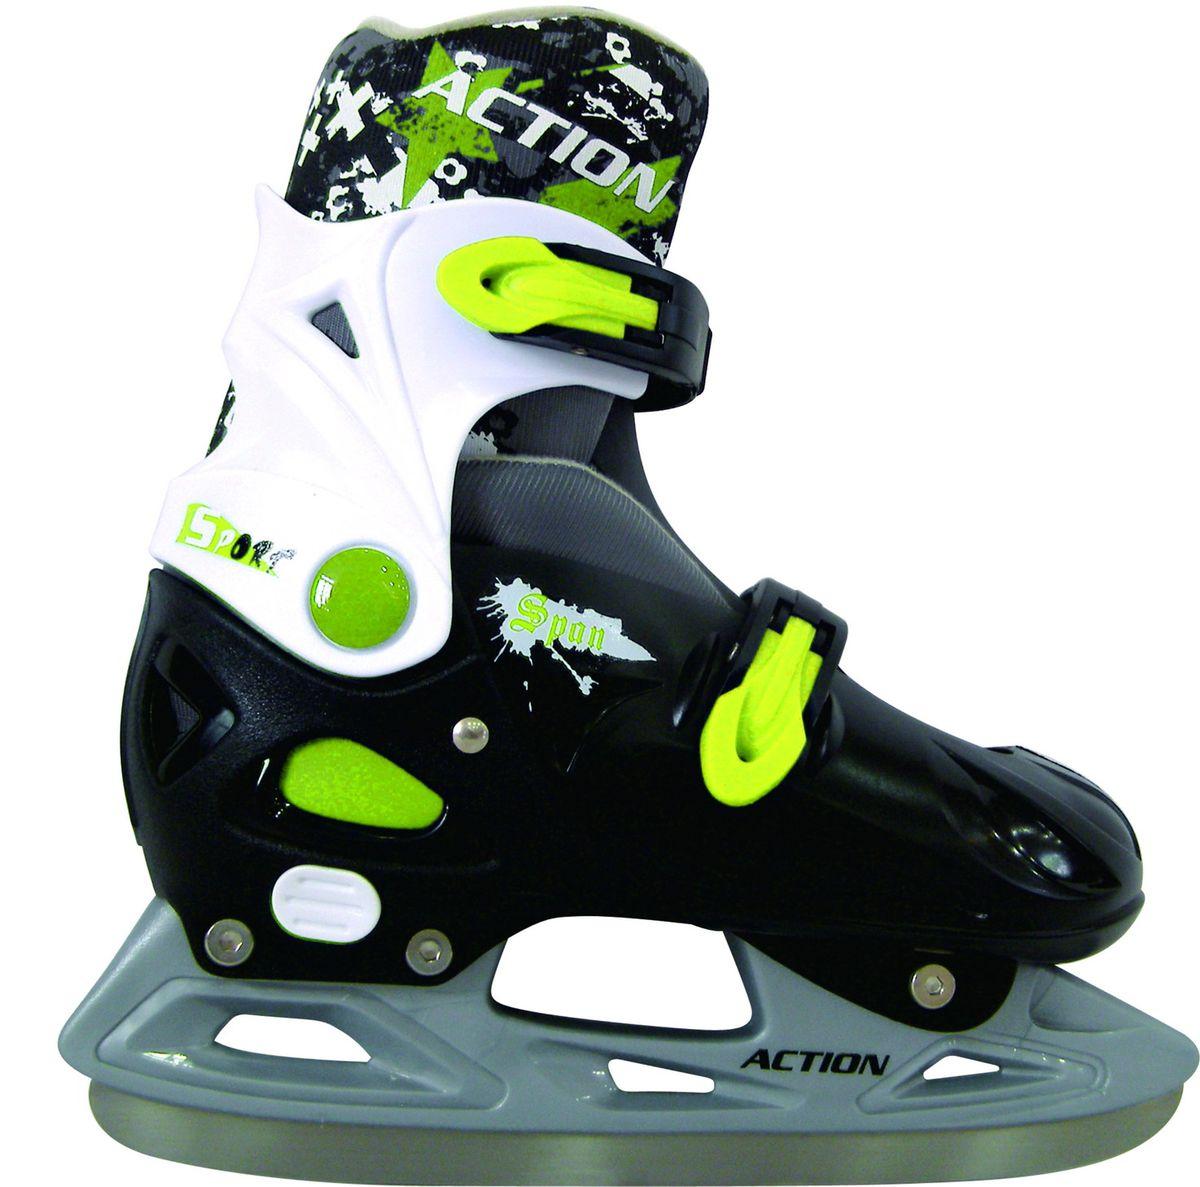 Коньки ледовые Action PW-333, раздвижные, цвет: черный, белый, зеленый. Размер 40/43PW-333Раздвижная конструкция ледовых коньков Action PW-333 пользуется огромной популярностью за счет того, что отпадает необходимость ежегодно покупать новую пару вслед за ростом ноги - ребенок может кататься на своих любимых коньках не один год. Конечно, это не означает, что такие модели предназначены исключительно для детей. Размерные сетки таких моделей позволяют приобретать эти коньки и взрослым.Тип: раздвижные.Материал ботинка: нейлон, армированный каркасом из жесткого полиуретана. Материал подкладки: синтетическая ткань.Тип фиксации: клипсы.Рама: интегрированная, материал – полиуретан.Лезвие: тип – хоккейное, материал – нержавеющая сталь.Защитное напыление: есть.Вид применения: любительское катание на льду.